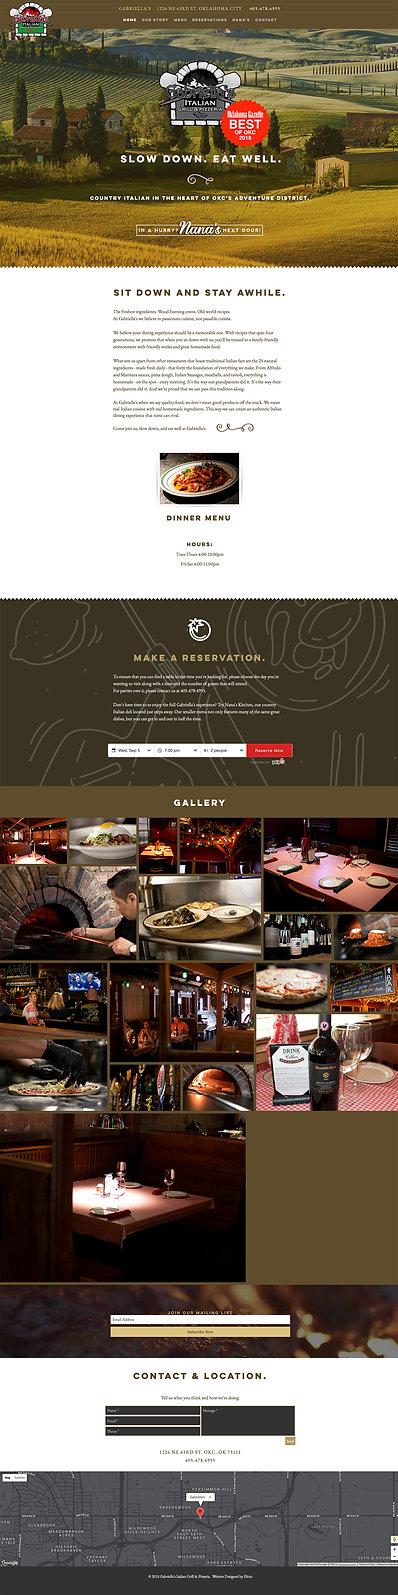 ET_D_S_GalleryGABWeb.jpg